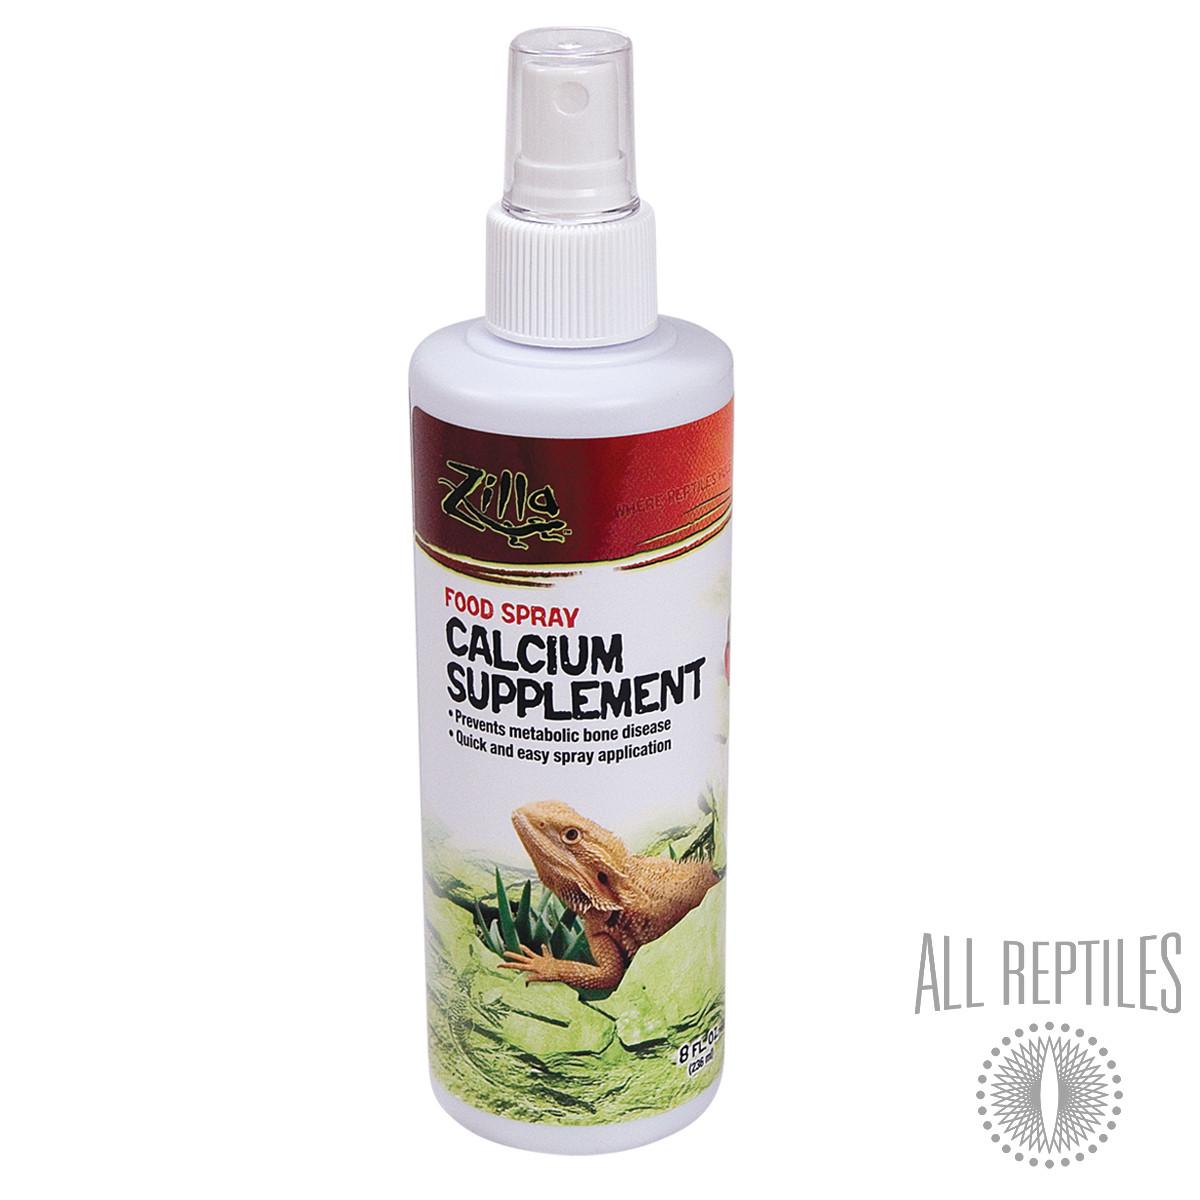 Rzilla Calcium Supplement